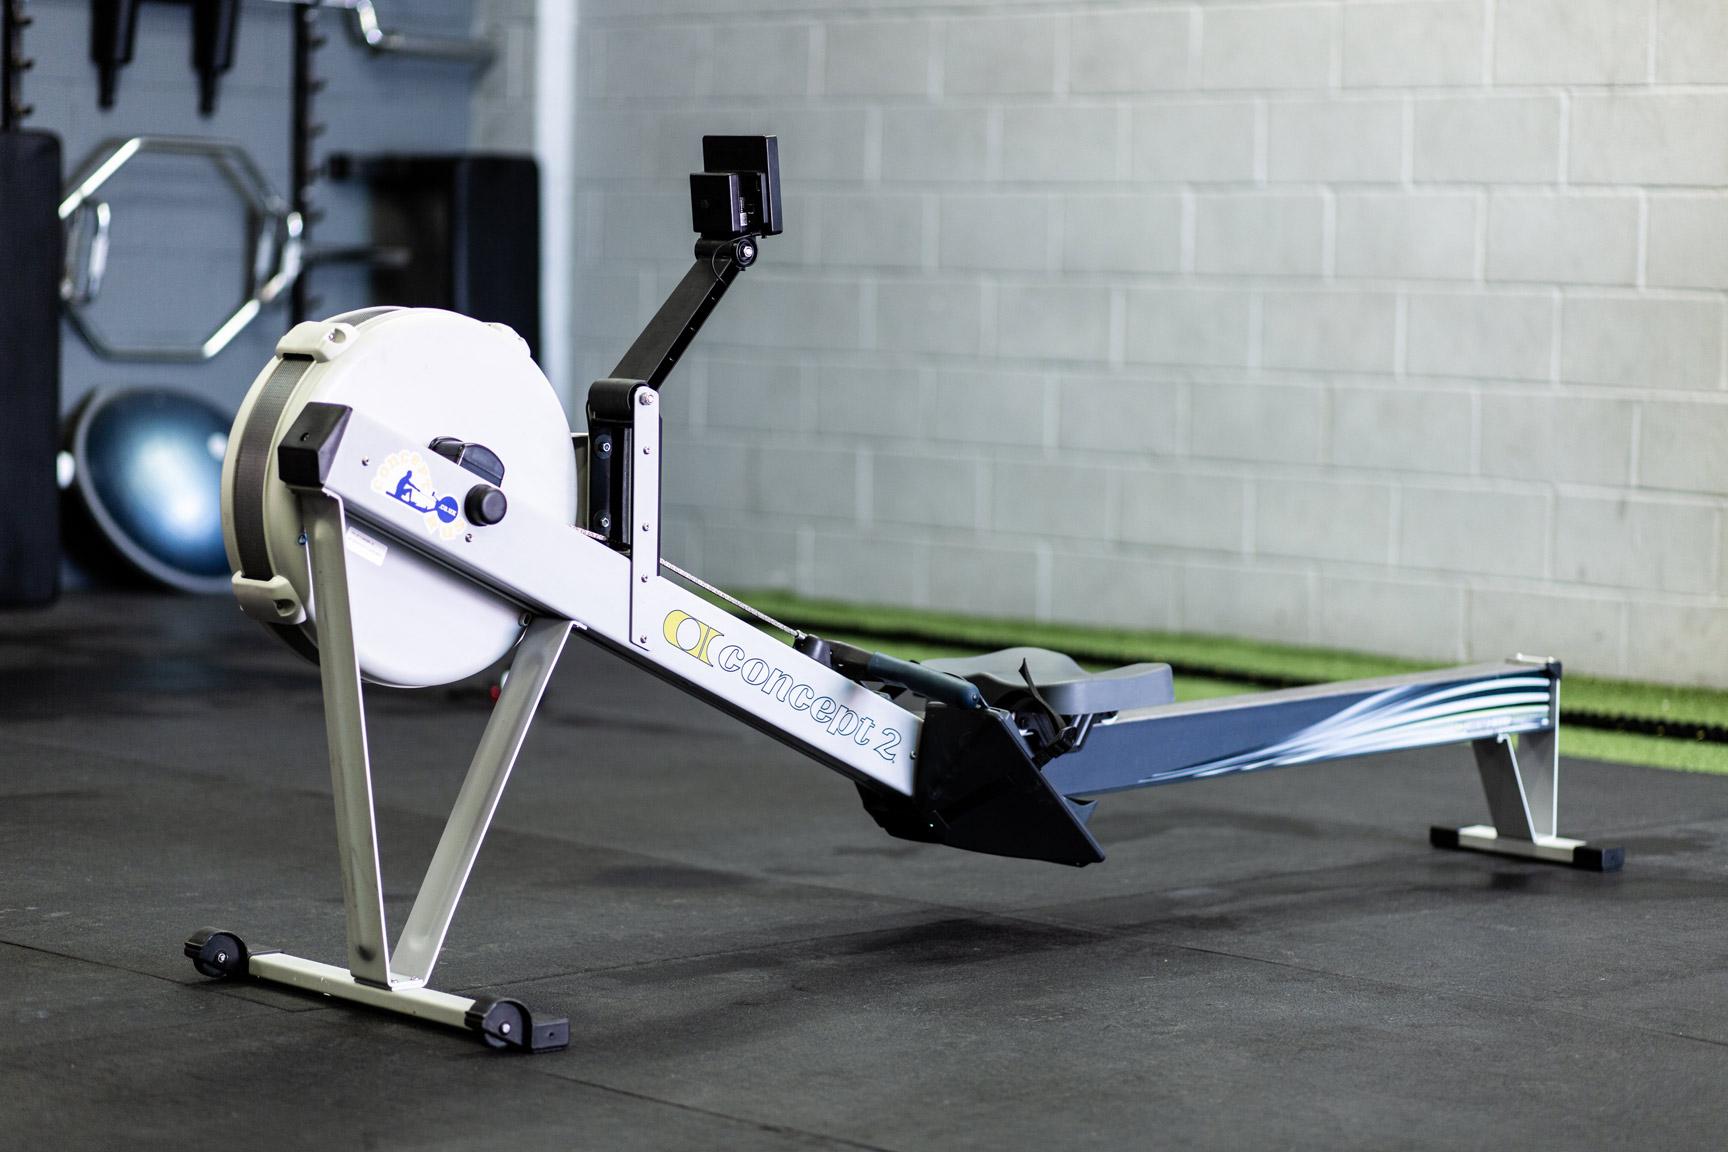 Rower-2.jpg